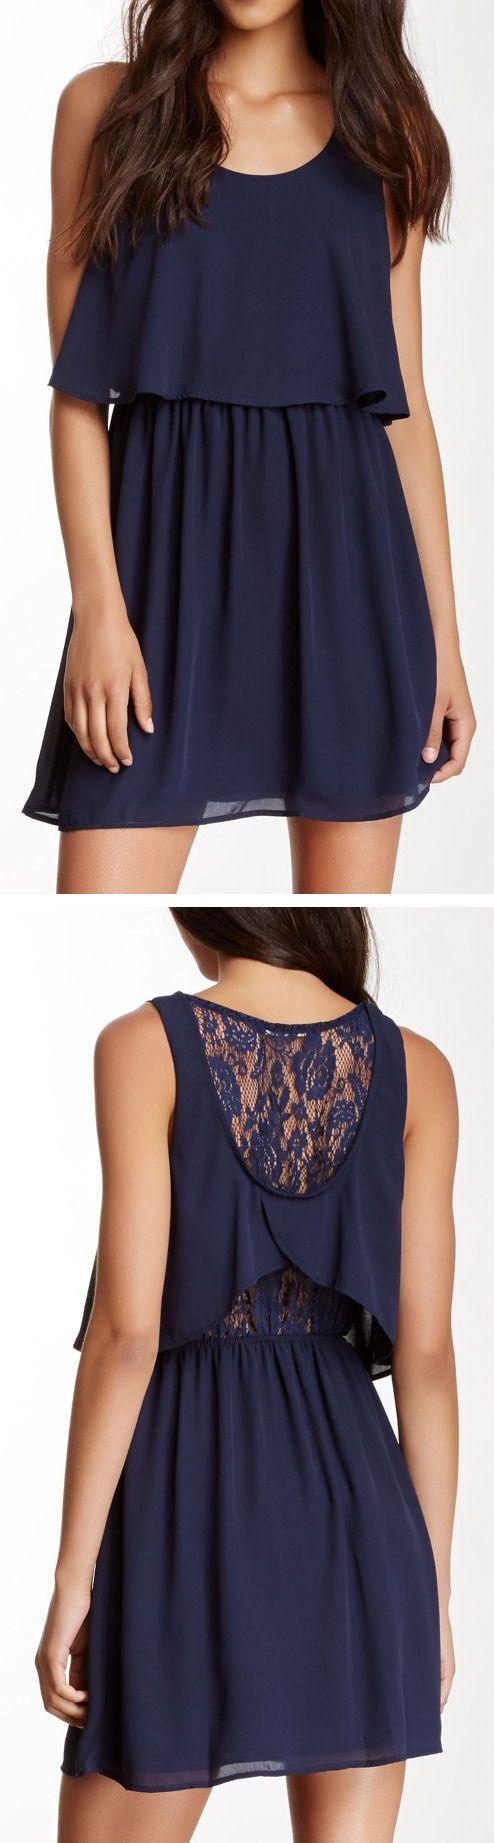 Navy Lace Back Popover Dress